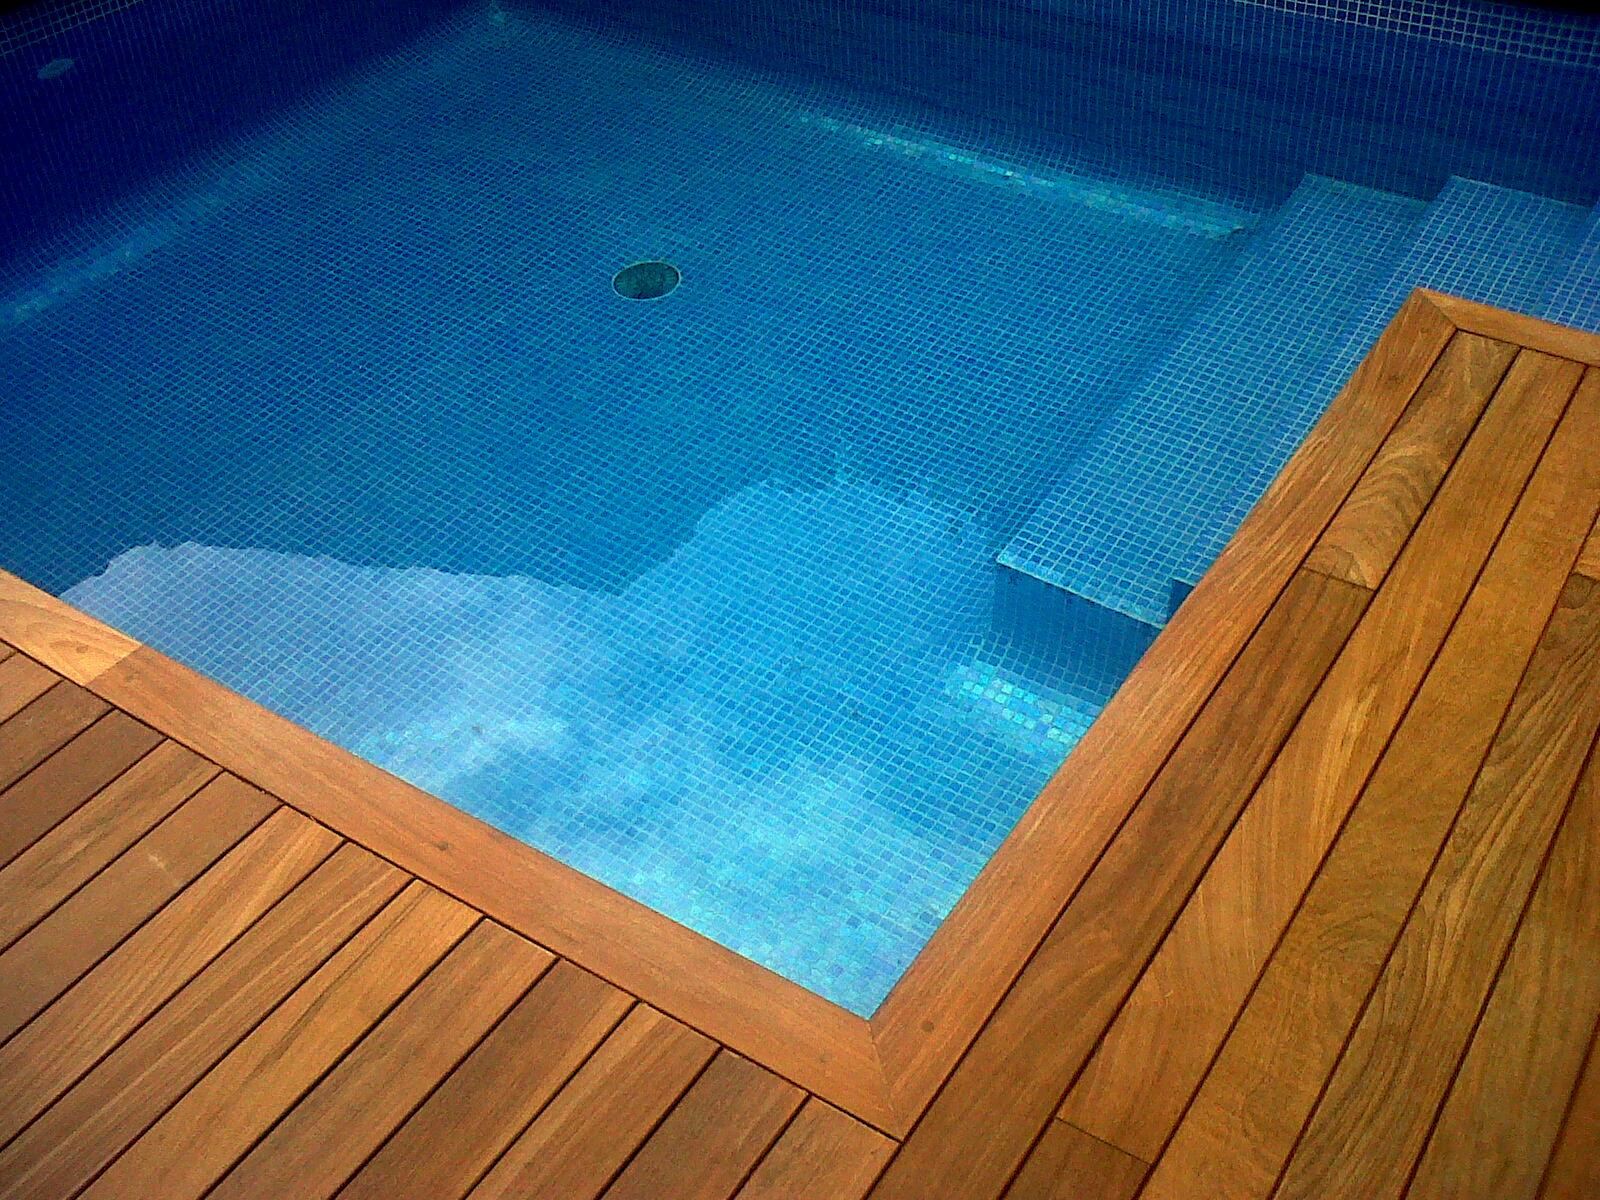 Piscines pic imagenes de piscina con revestimiento - Piscina sant quirze ...